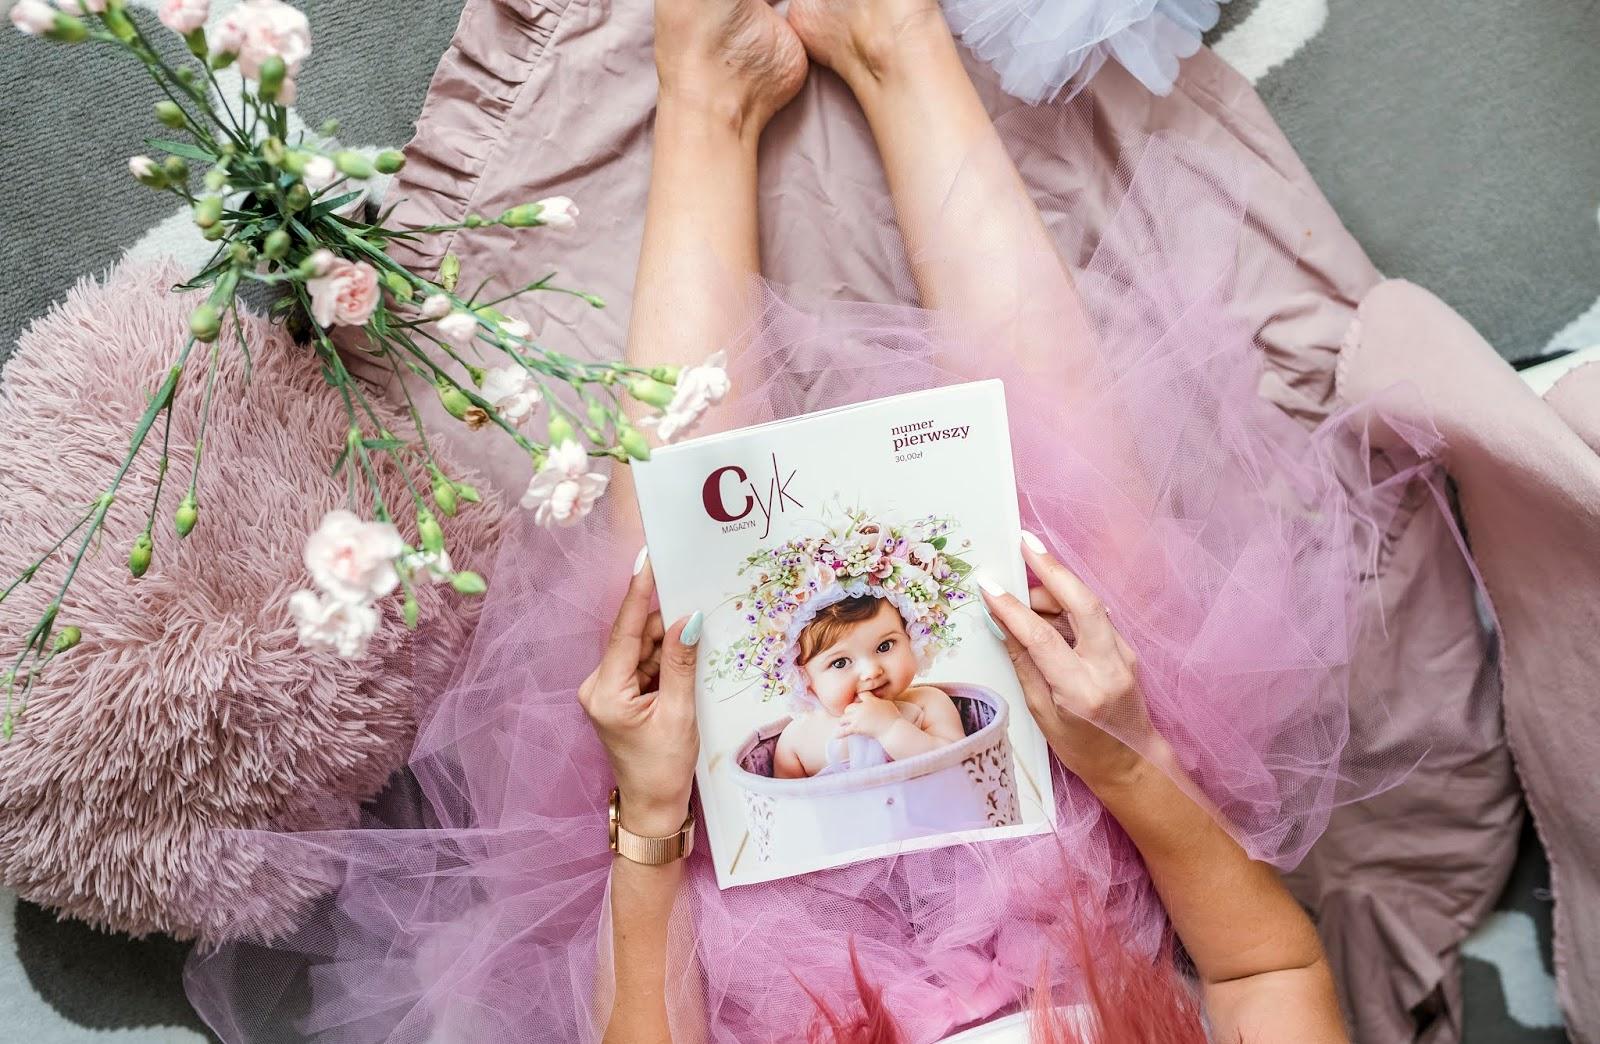 Cyk magazyn- czy warty zakupu